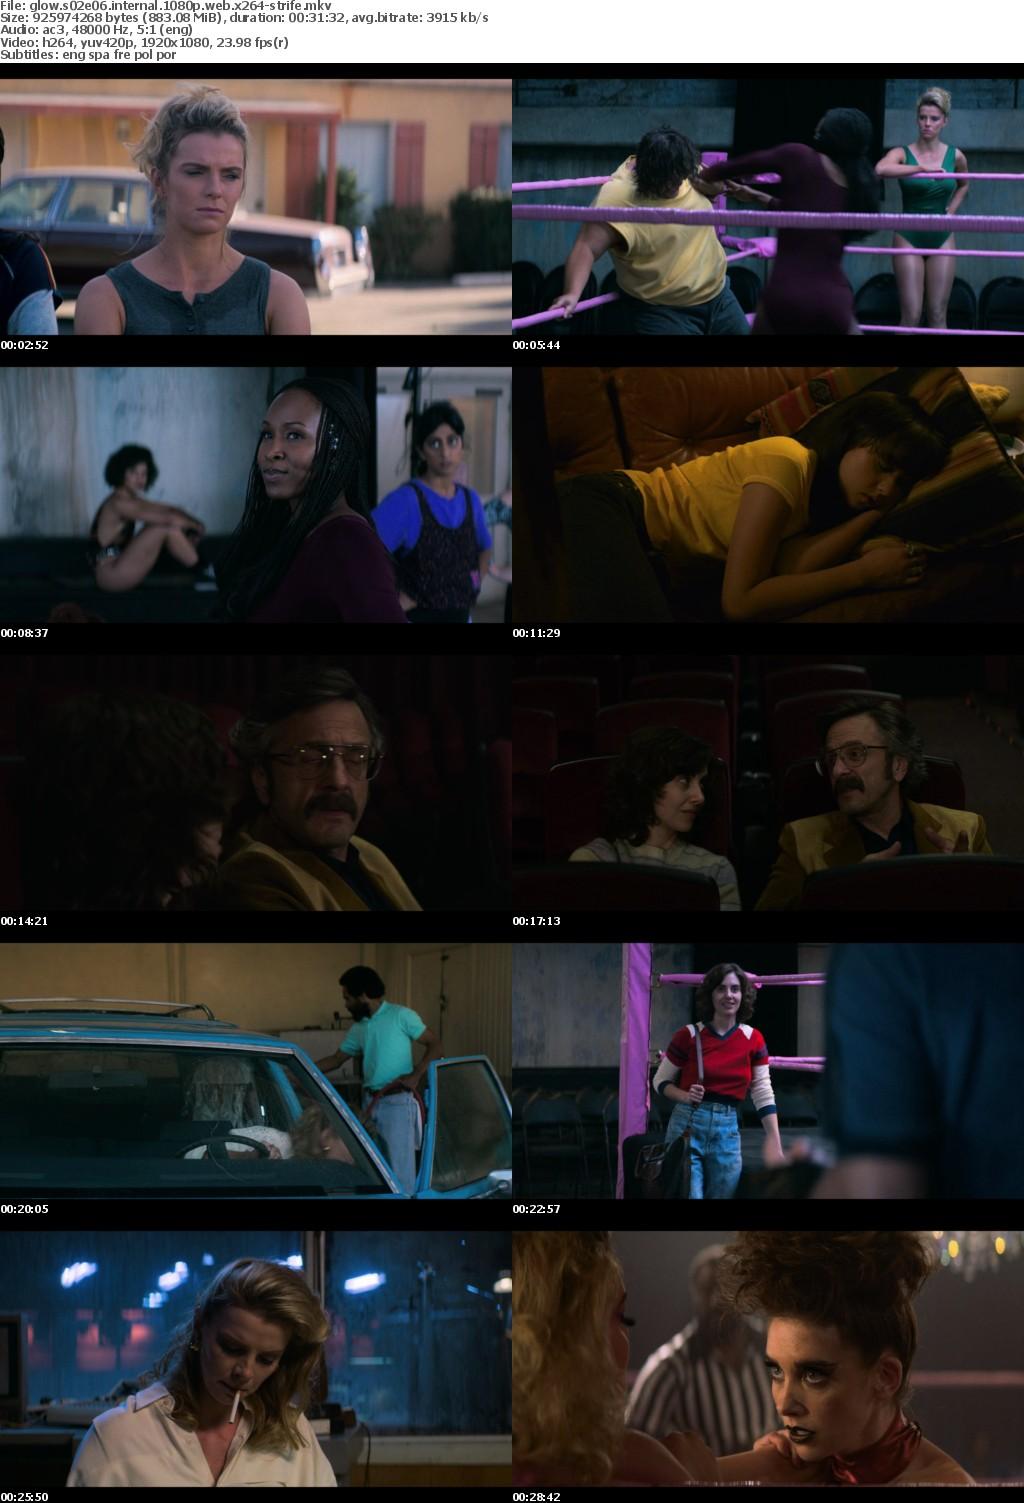 GLOW S02E06 iNTERNAL 1080p WEB x264-STRiFE